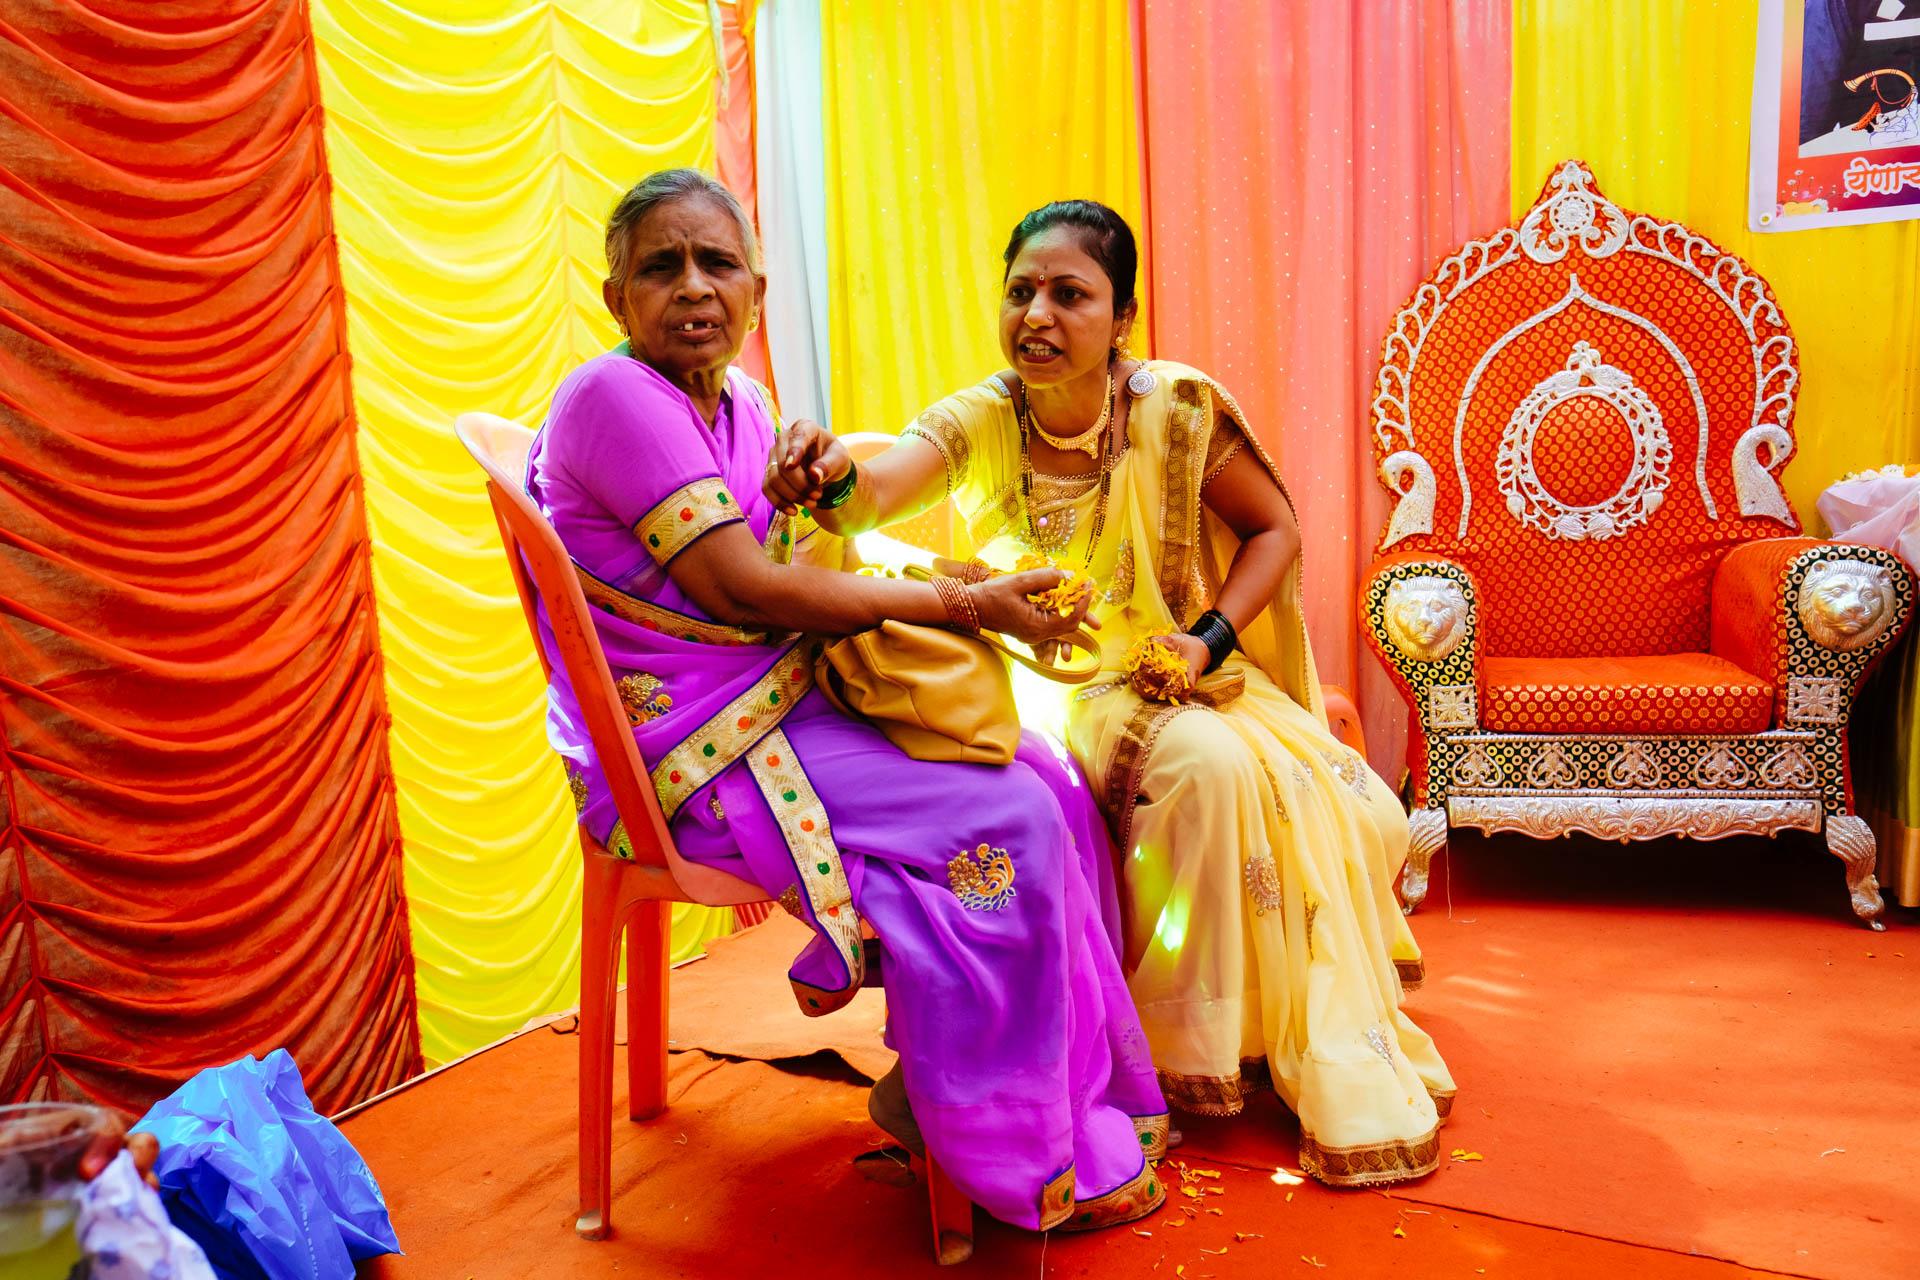 wedding_in_mumbai-58.jpg